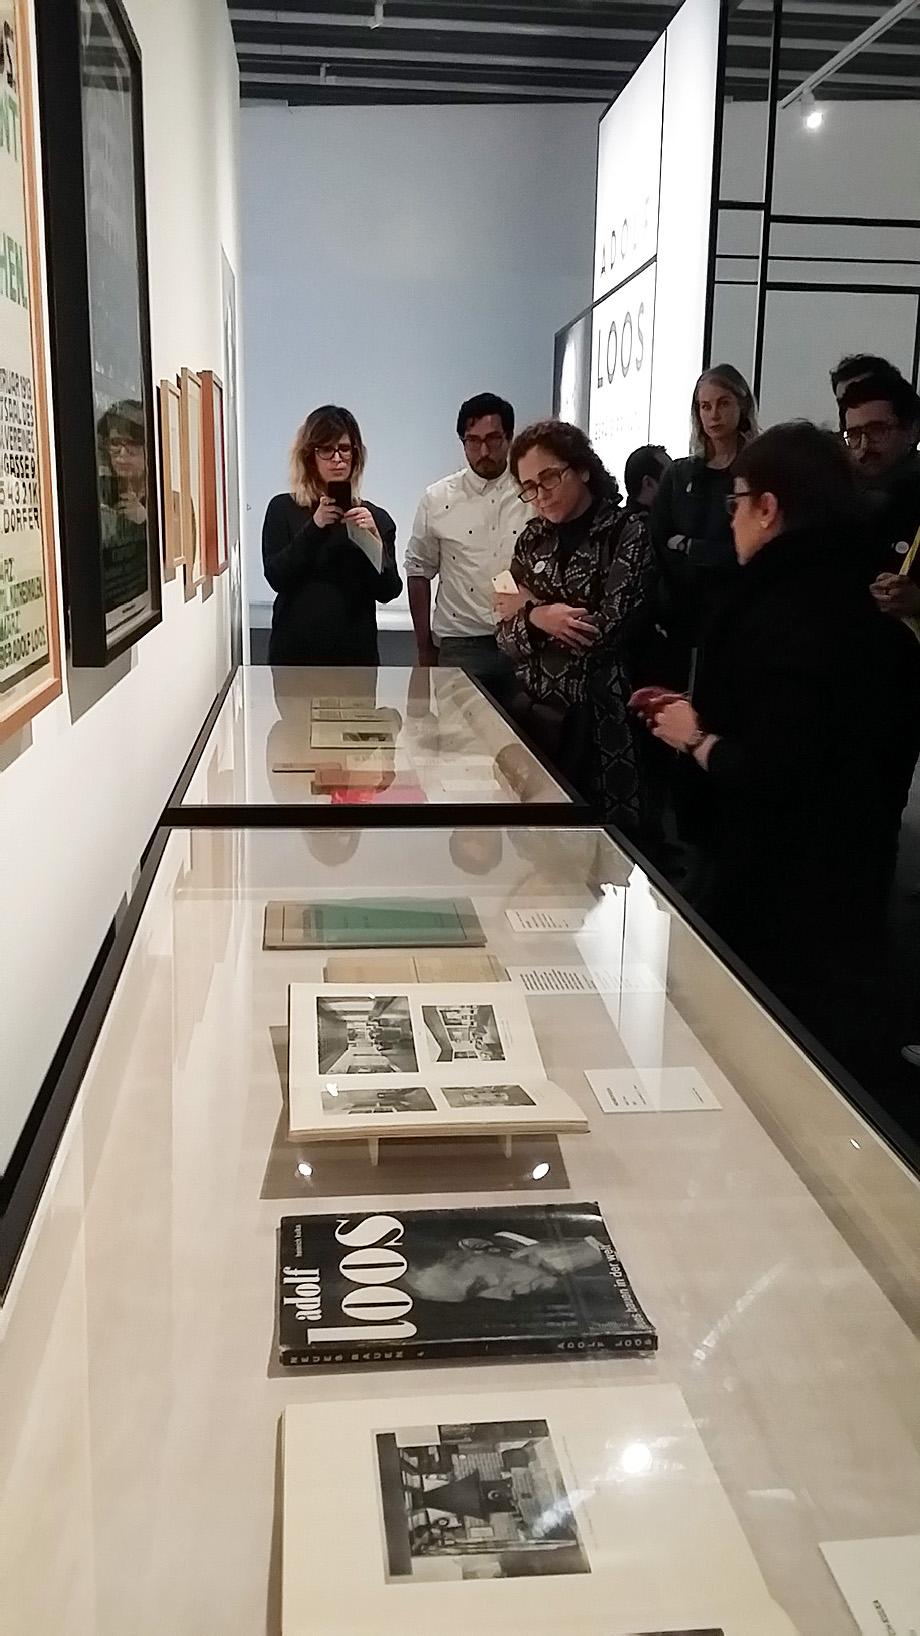 exposicion museu del disseny adolf loos. espacios privados (2)